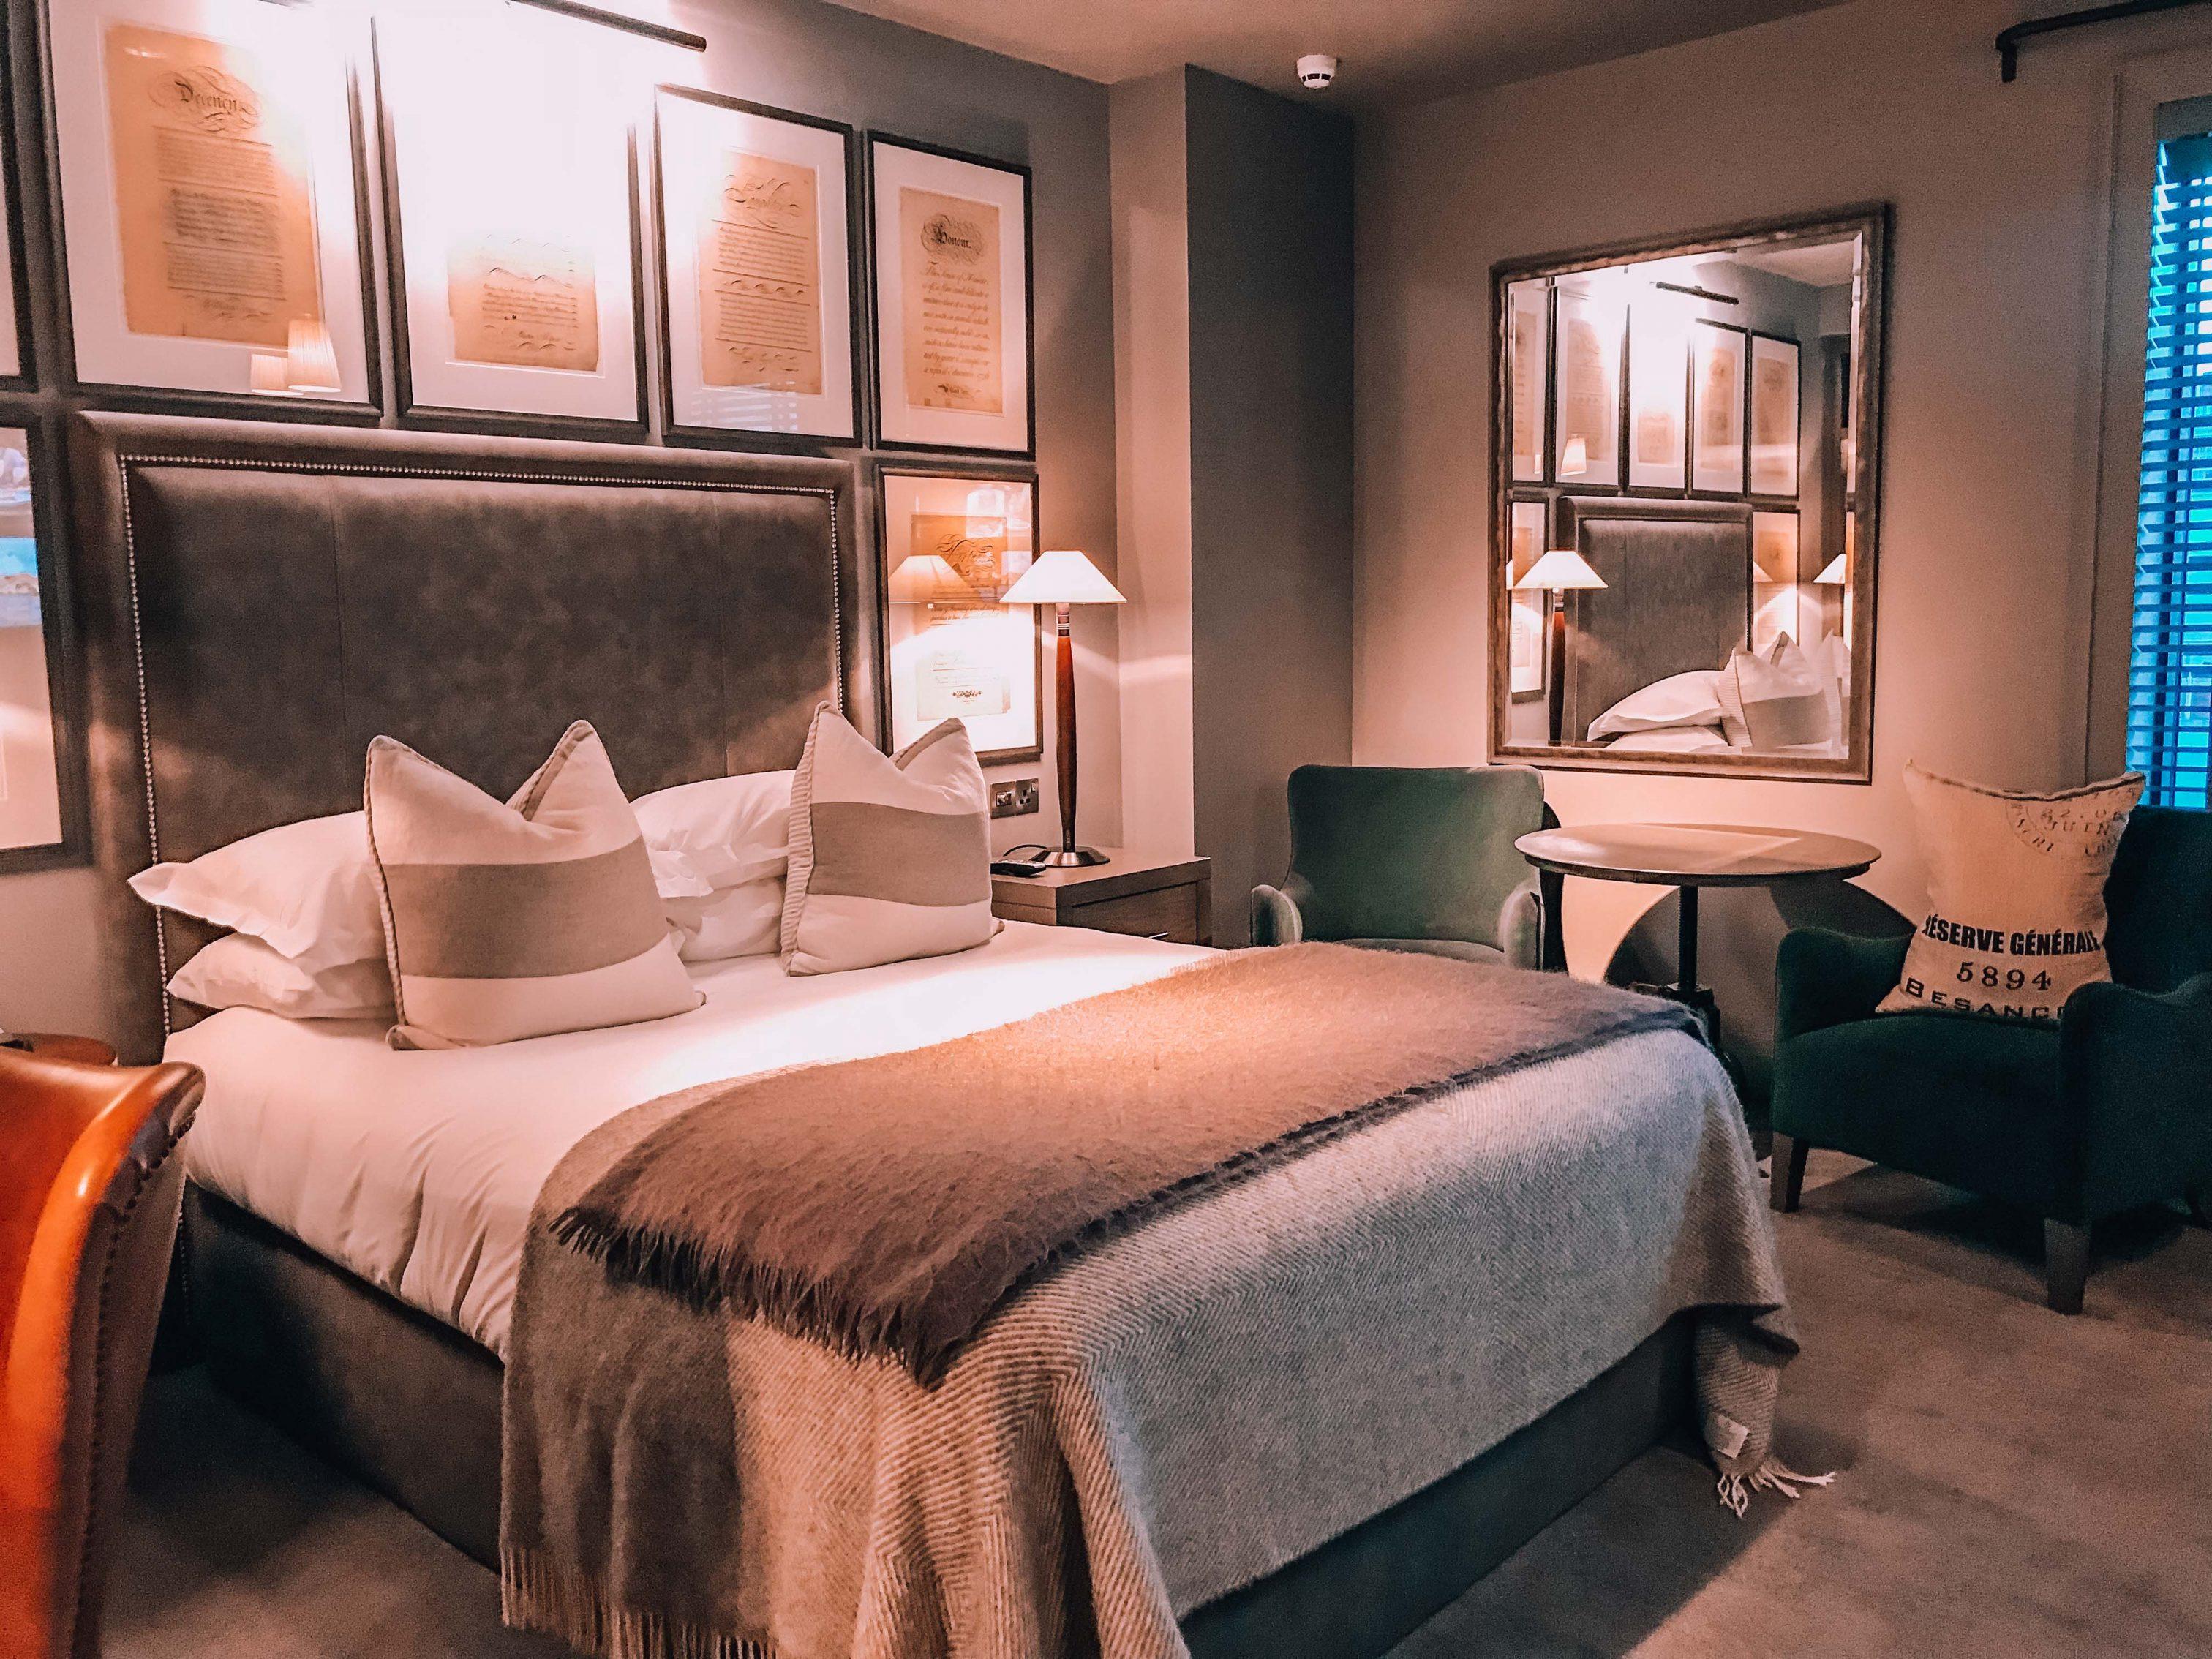 Dakota Hotel Leeds